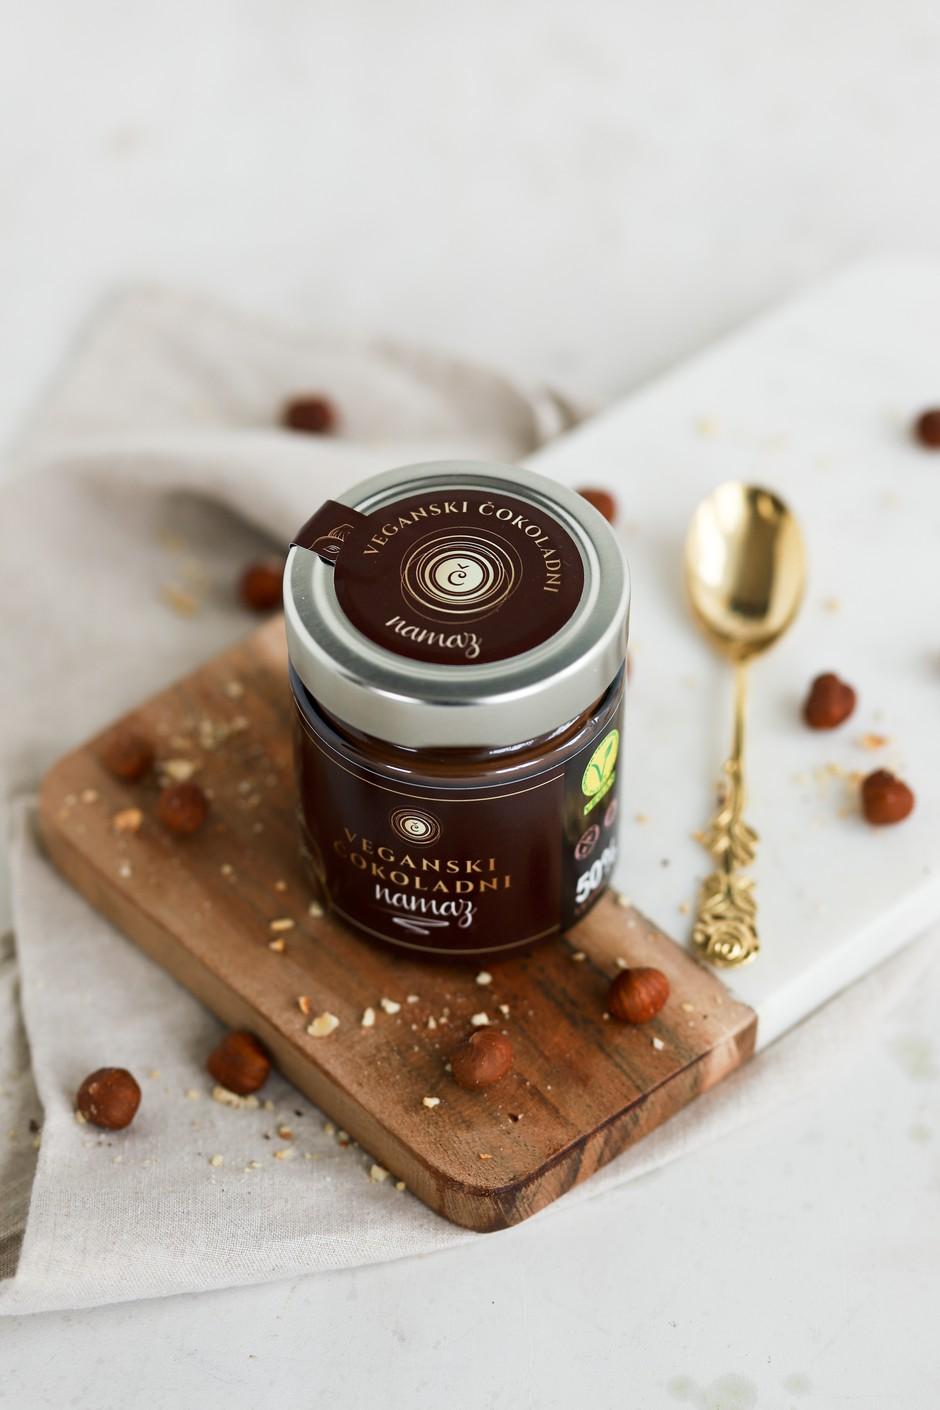 čokoladni namaz bymojacokolada (foto: PROMO)